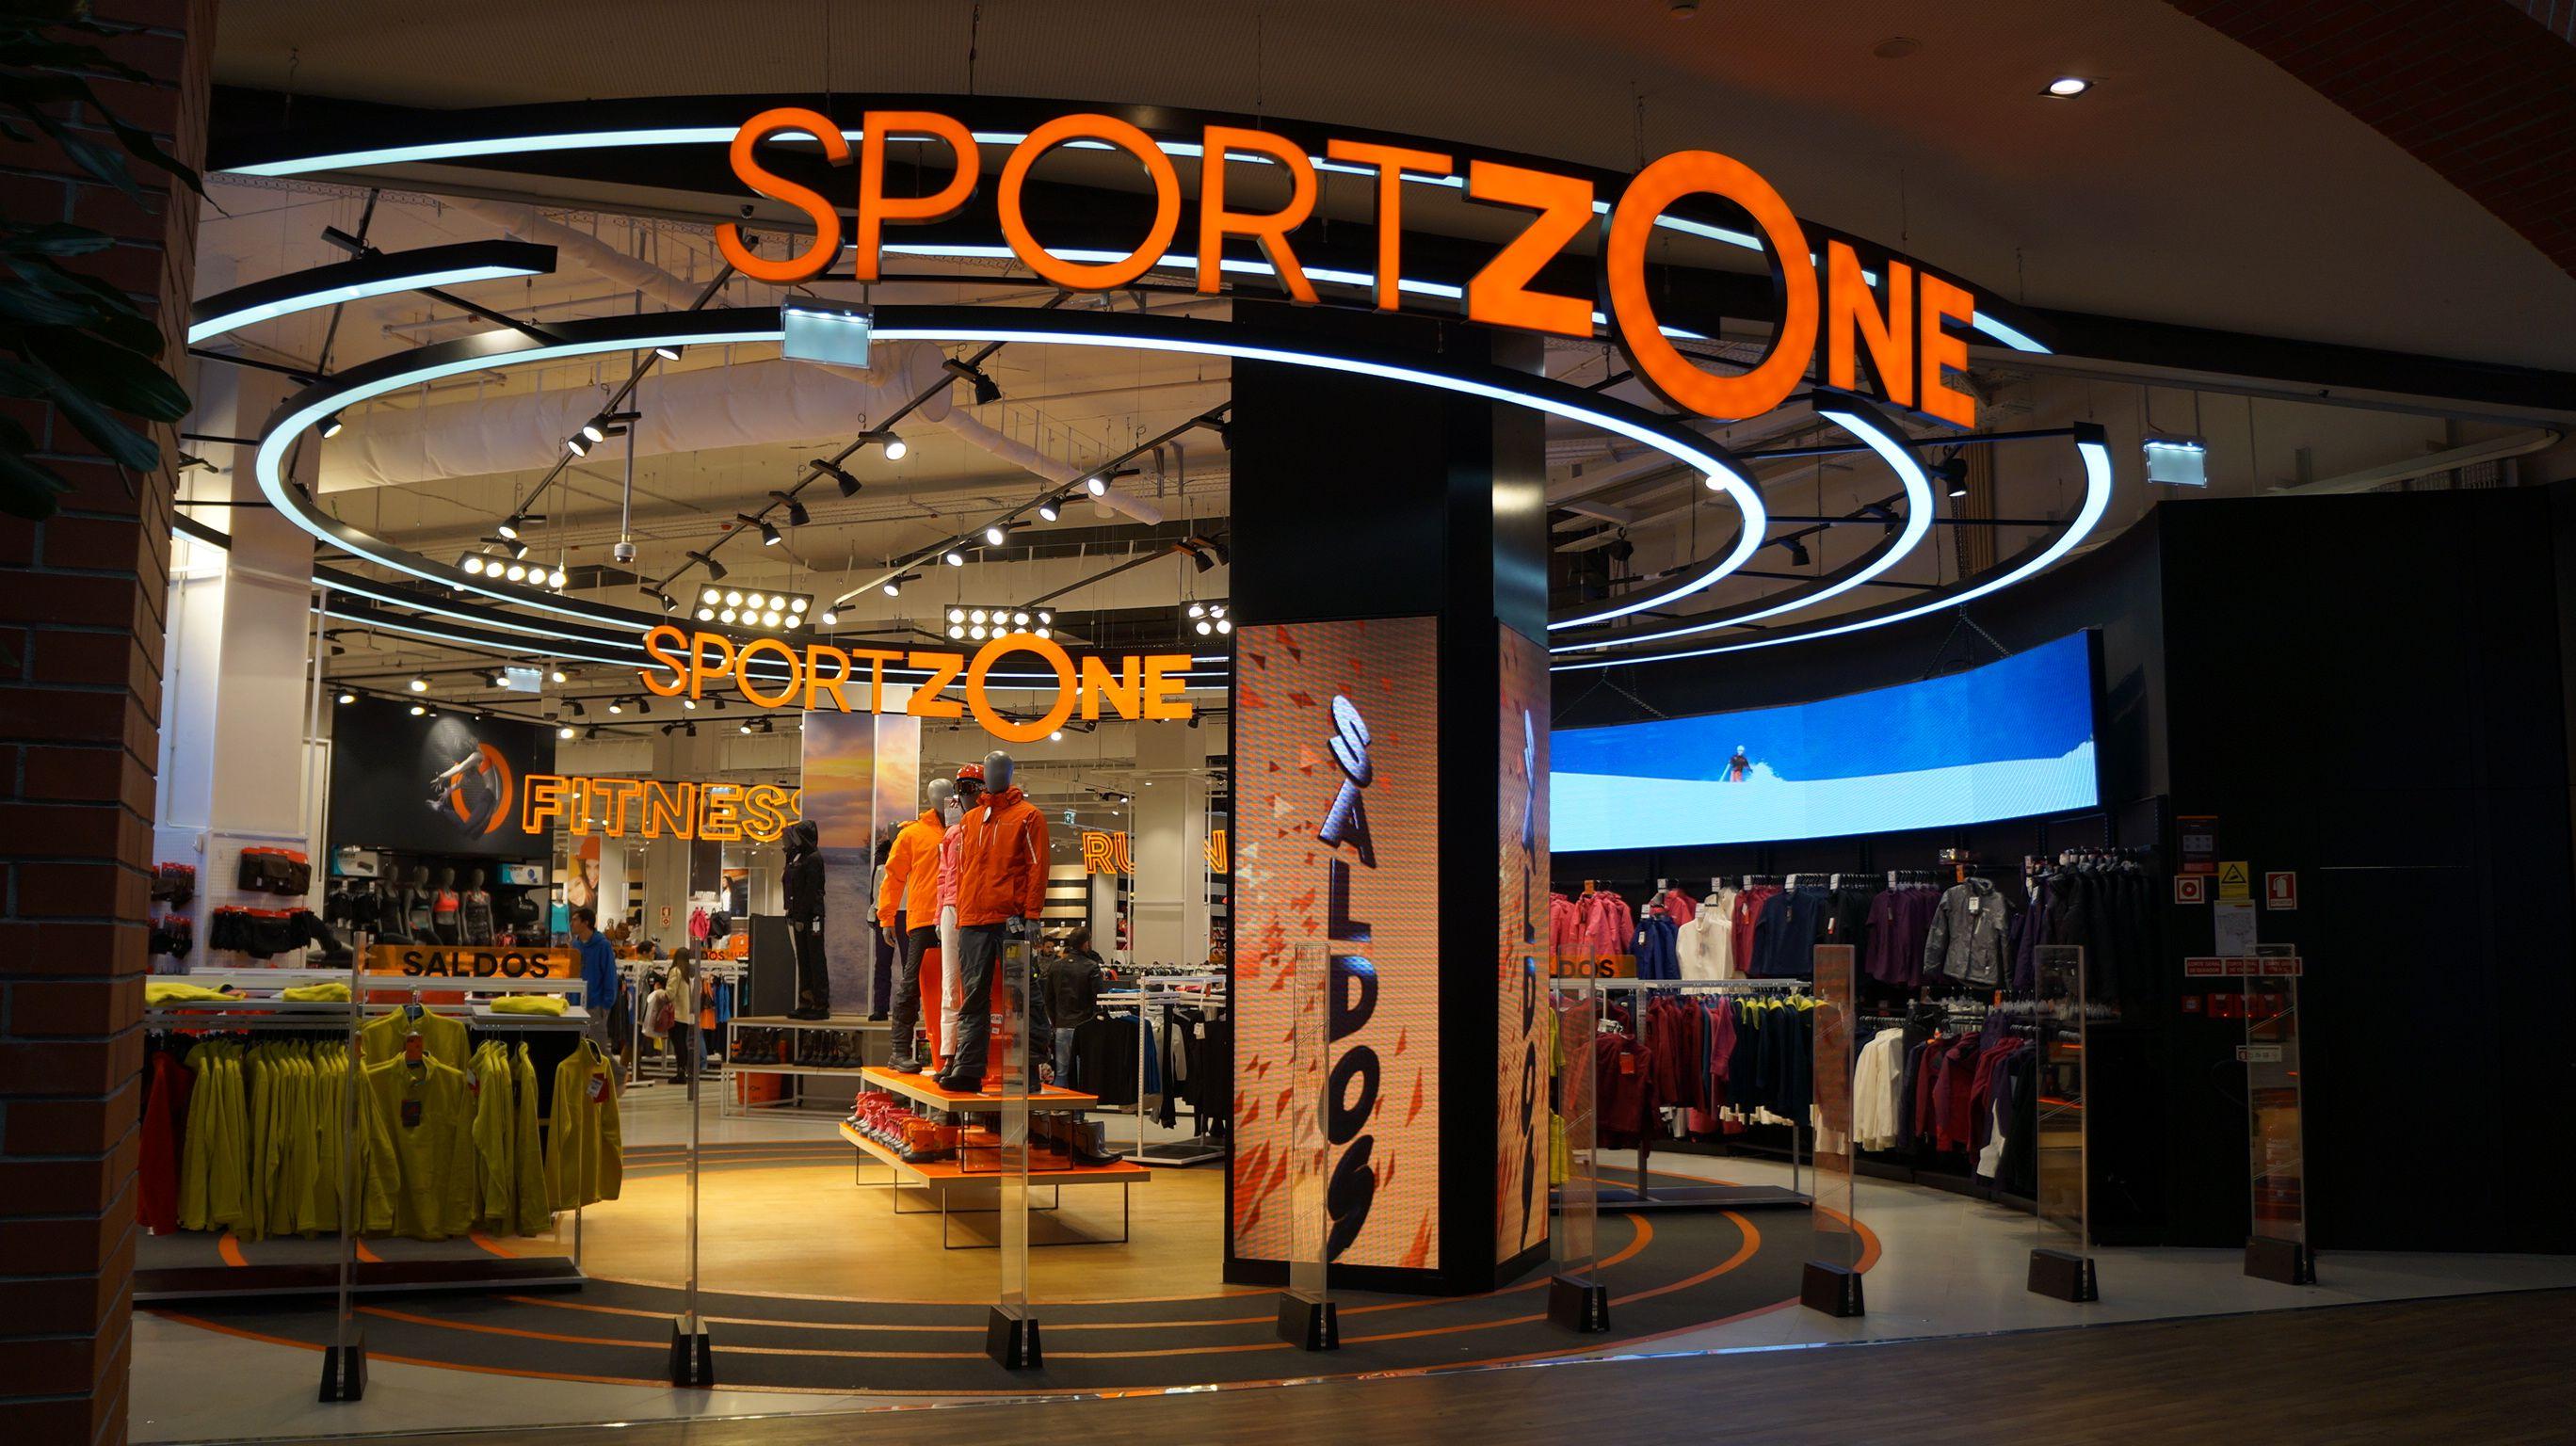 A política de modernização das lojas Sport Zone prossegue